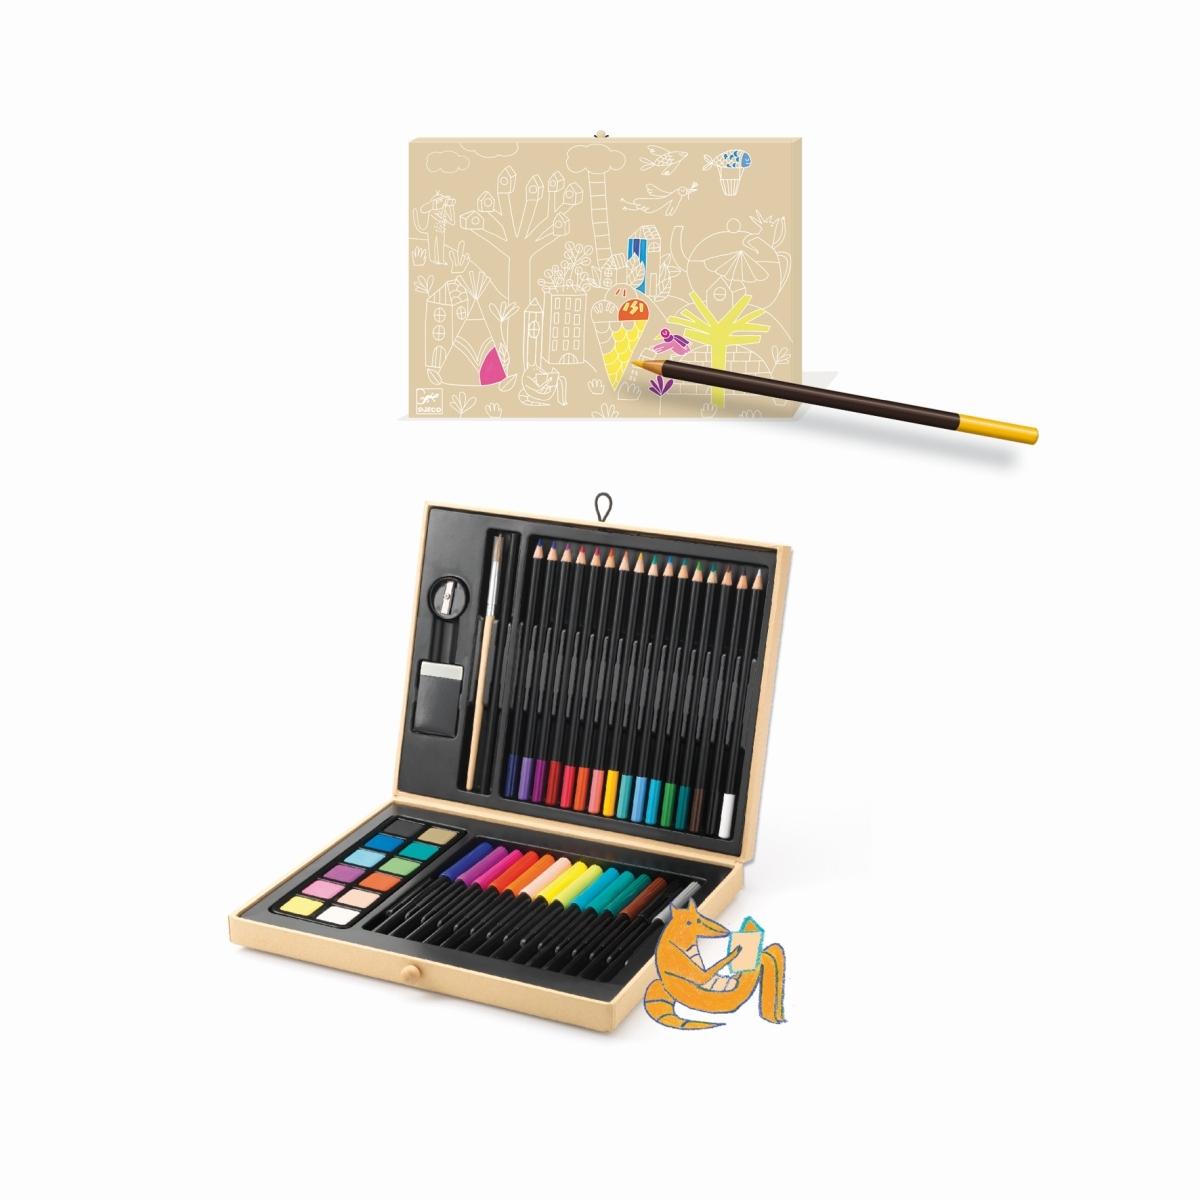 Cutie pentru desen si pictura djeco - 1